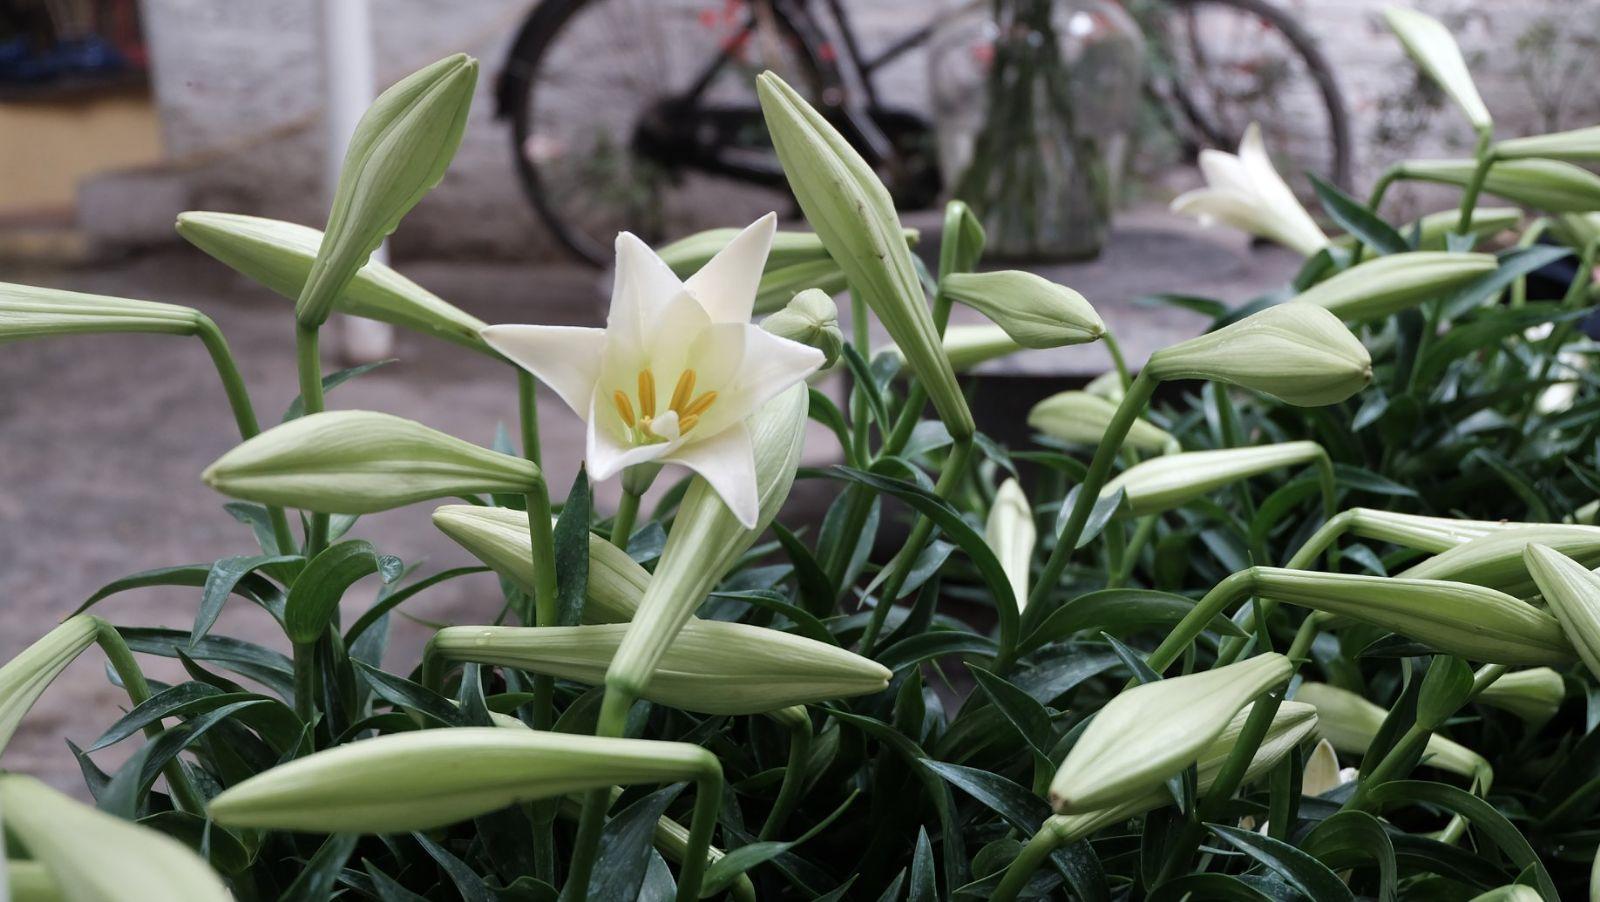 Hình ảnh vườn hoa loa kèn trắng đẹp nhất